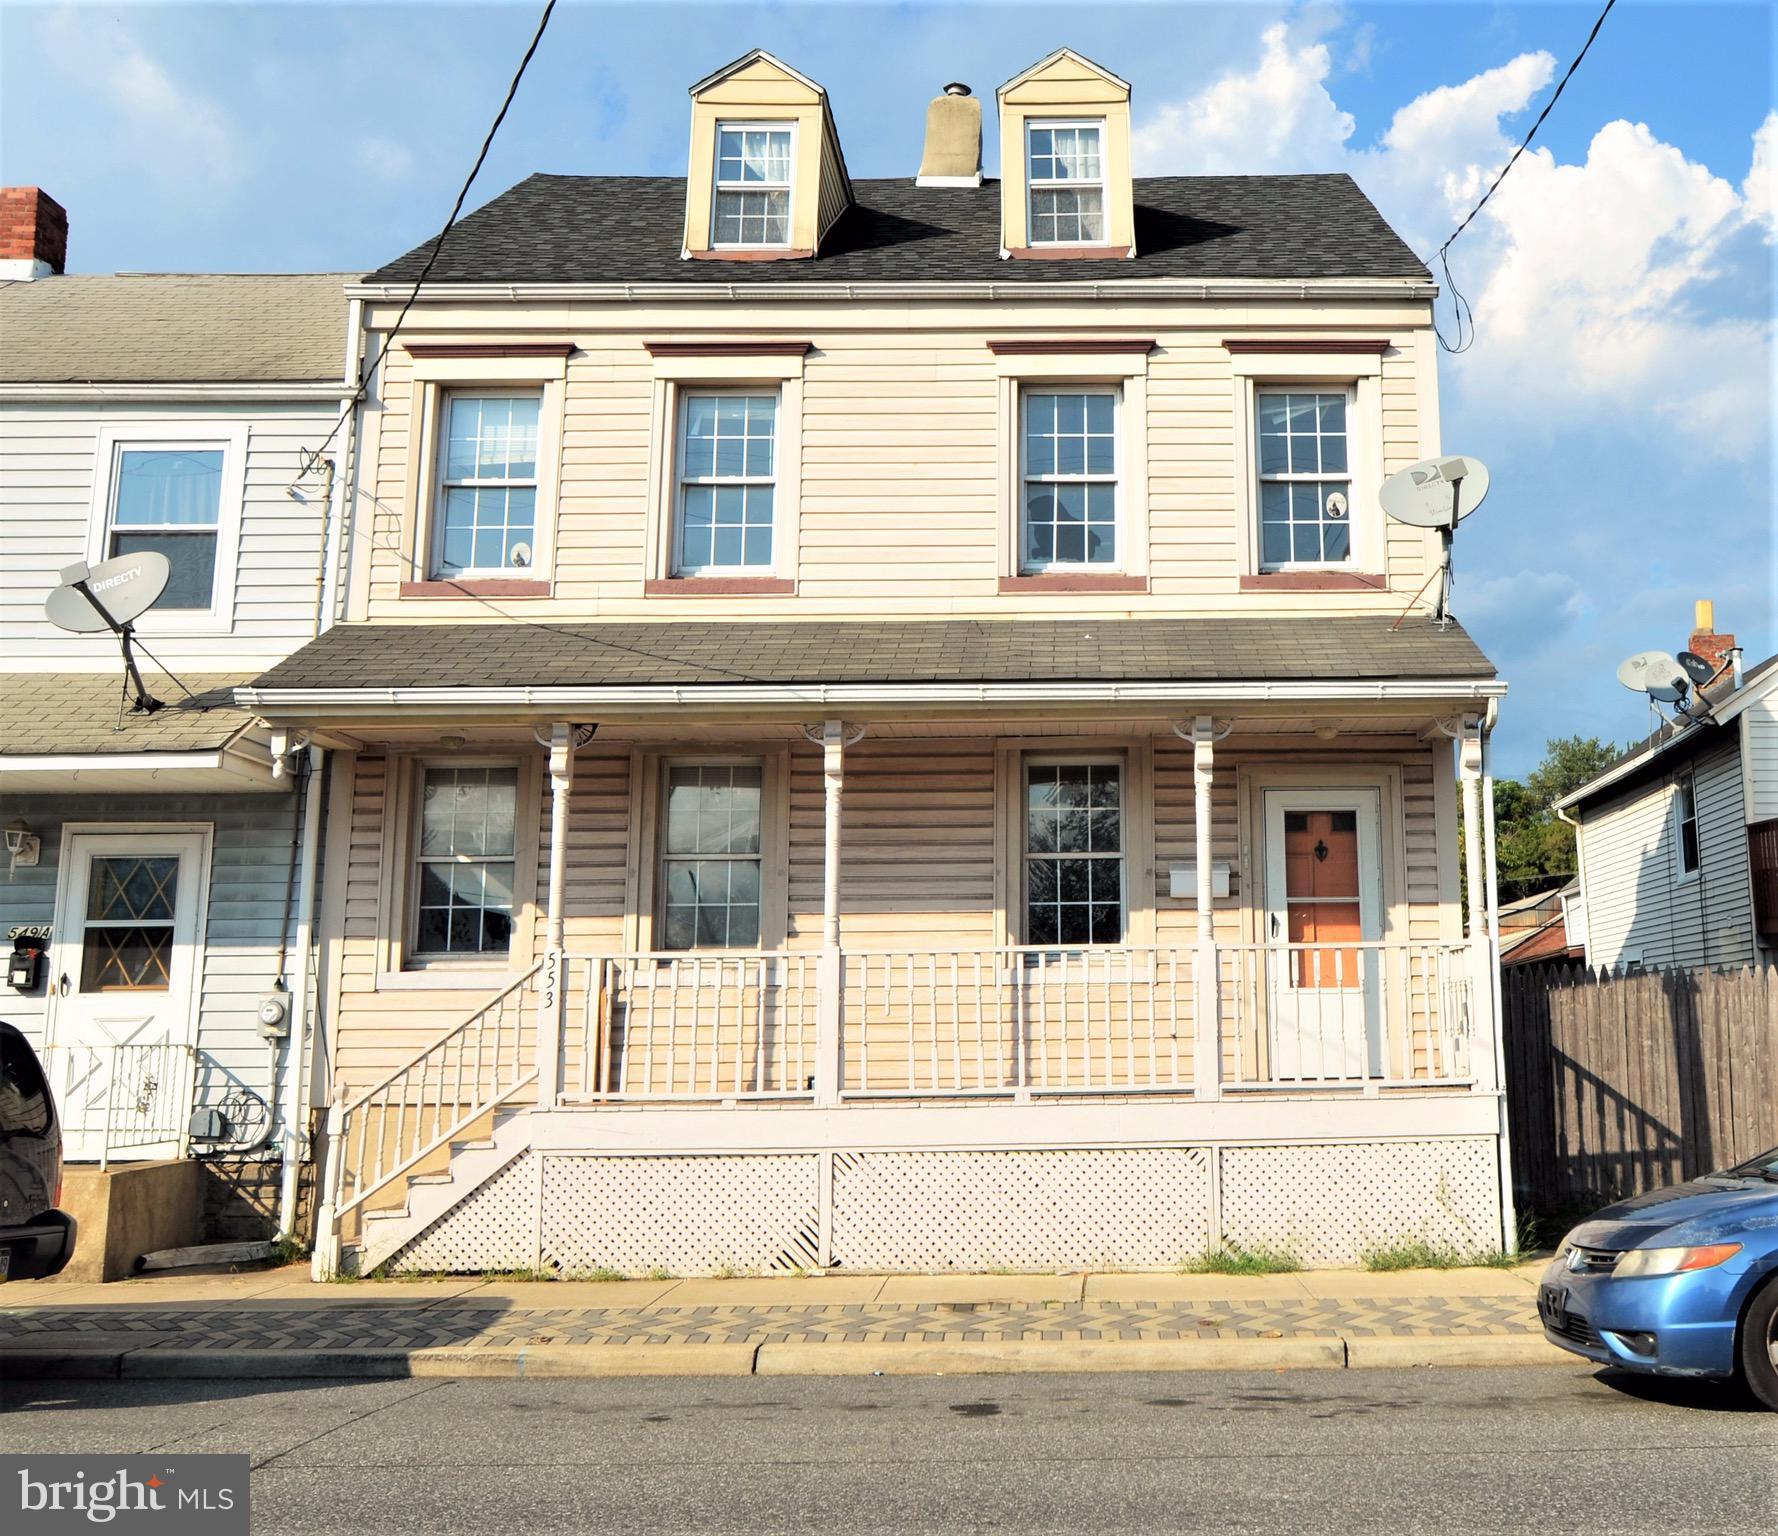 553 S MAIN STREET, PHILLIPSBURG, NJ 08865